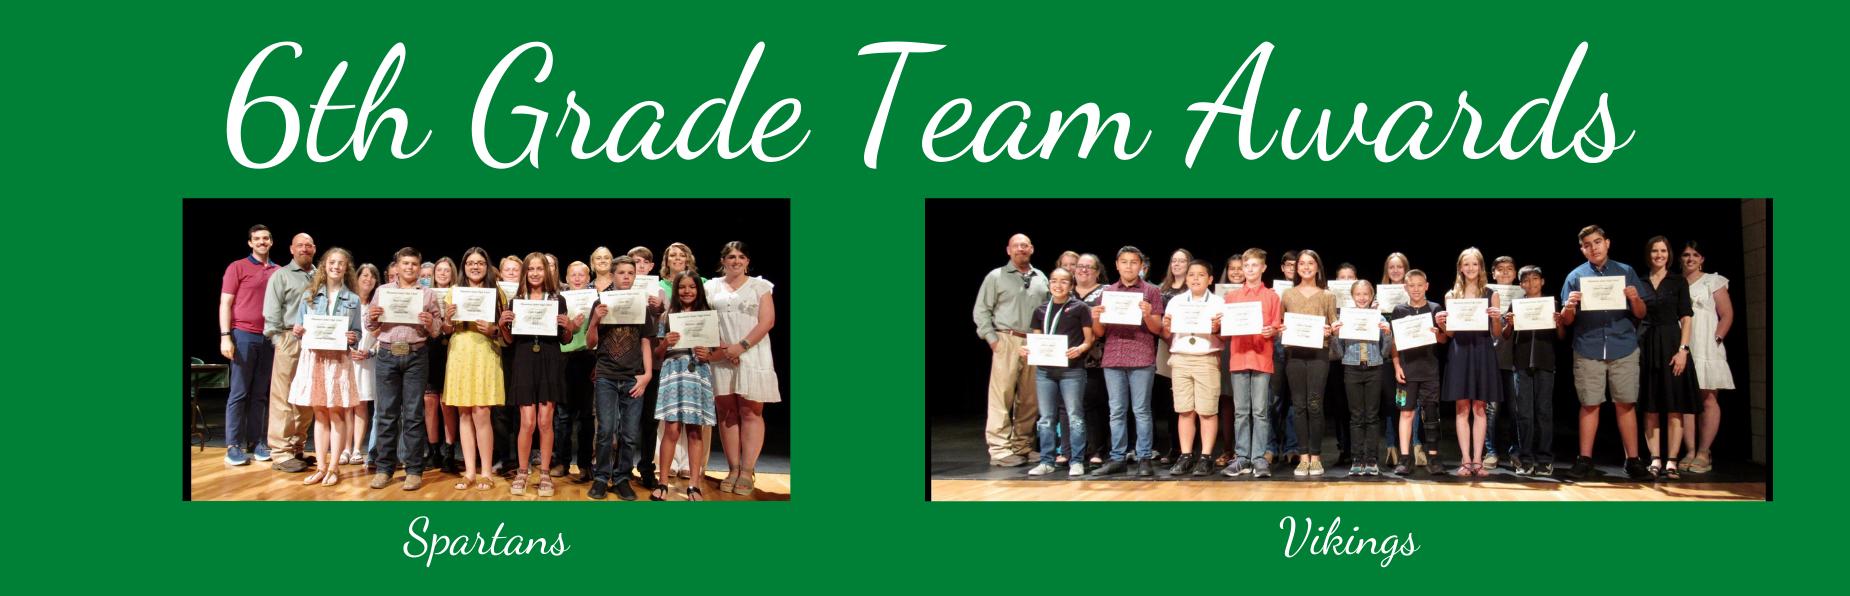 6th grade Team Awards